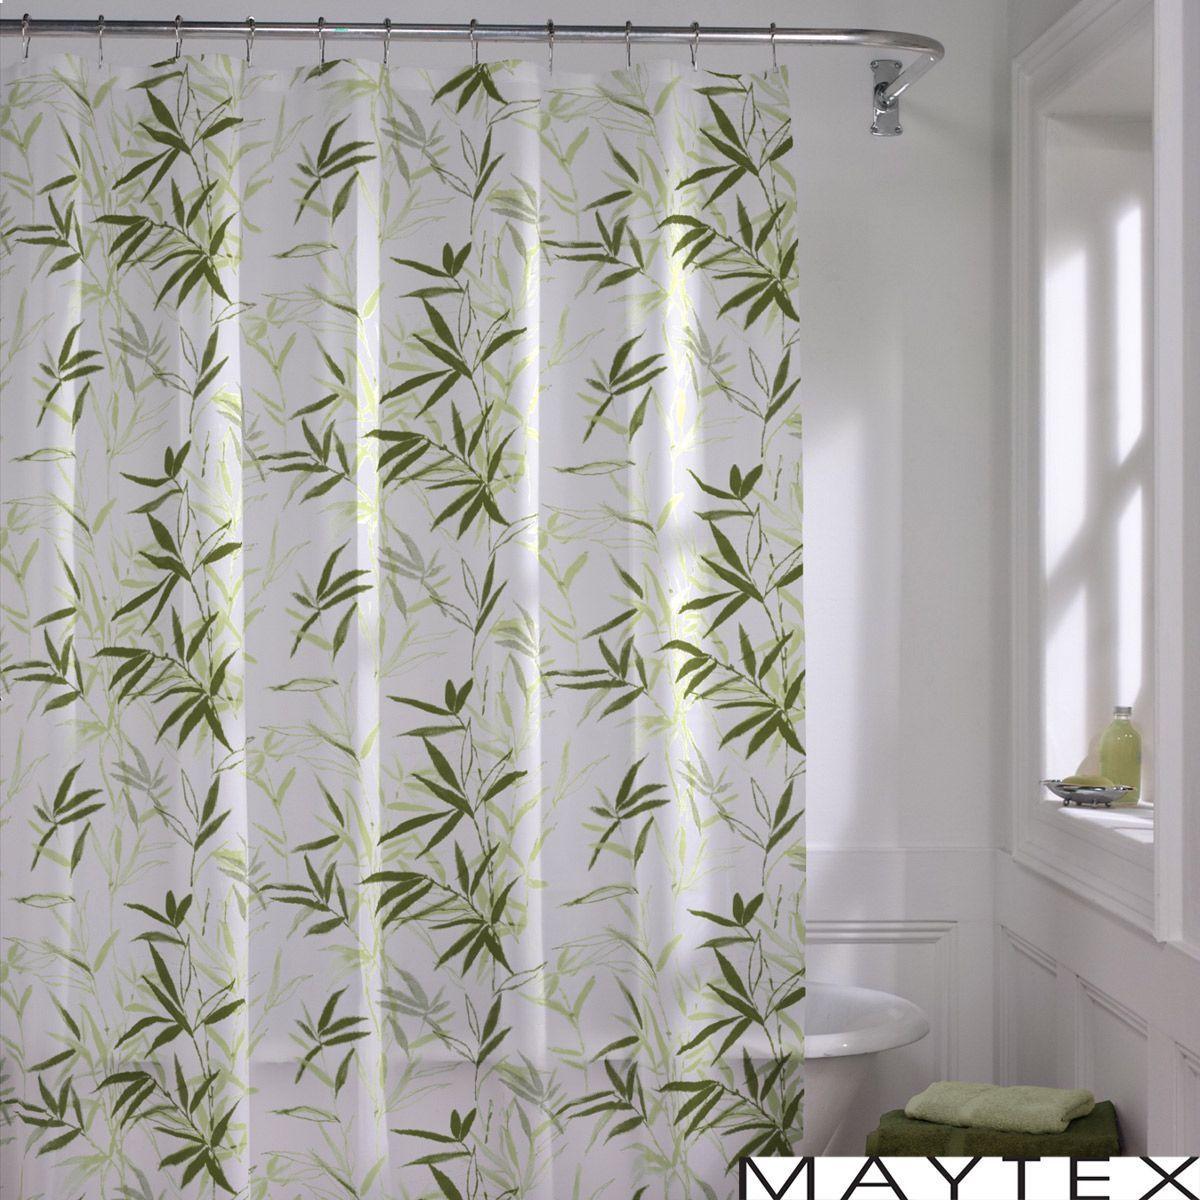 Maytex Zen Garden Shower Curtain Zen Garden Green Bamboo